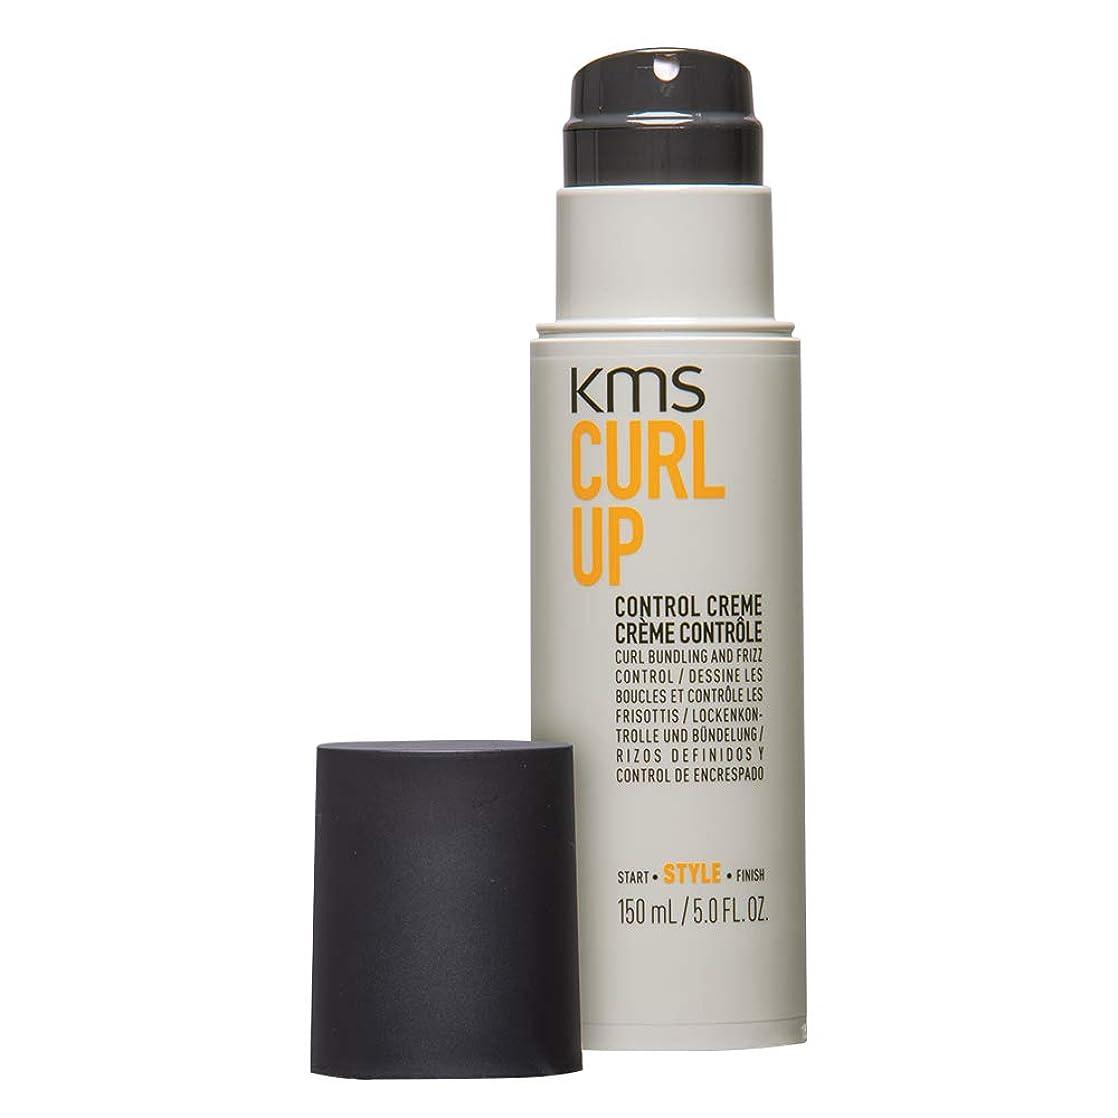 変動するロゴ攻撃的KMSカリフォルニア Curl Up Control Creme (Curl Bundling and Frizz Control) 150ml